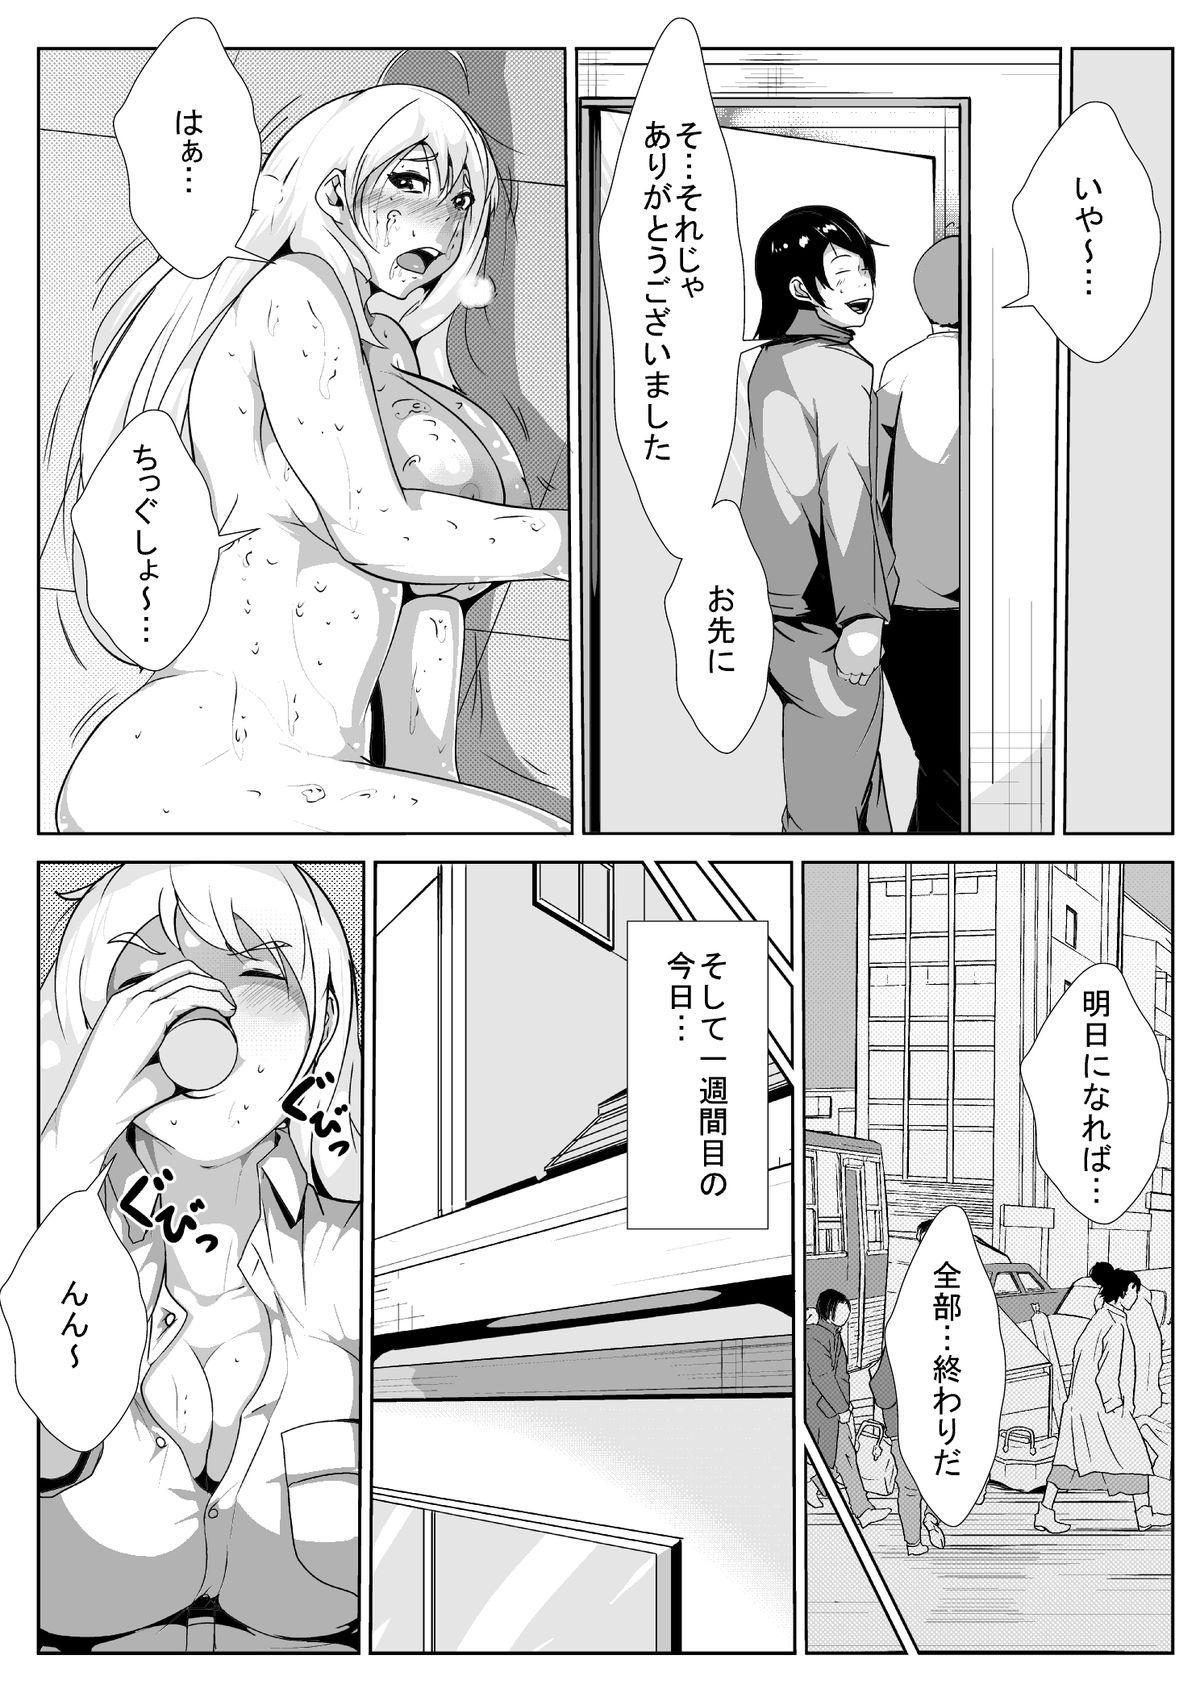 Seitenkan shita Ore ga Ochinpo Chuudoku ni saserareru 16